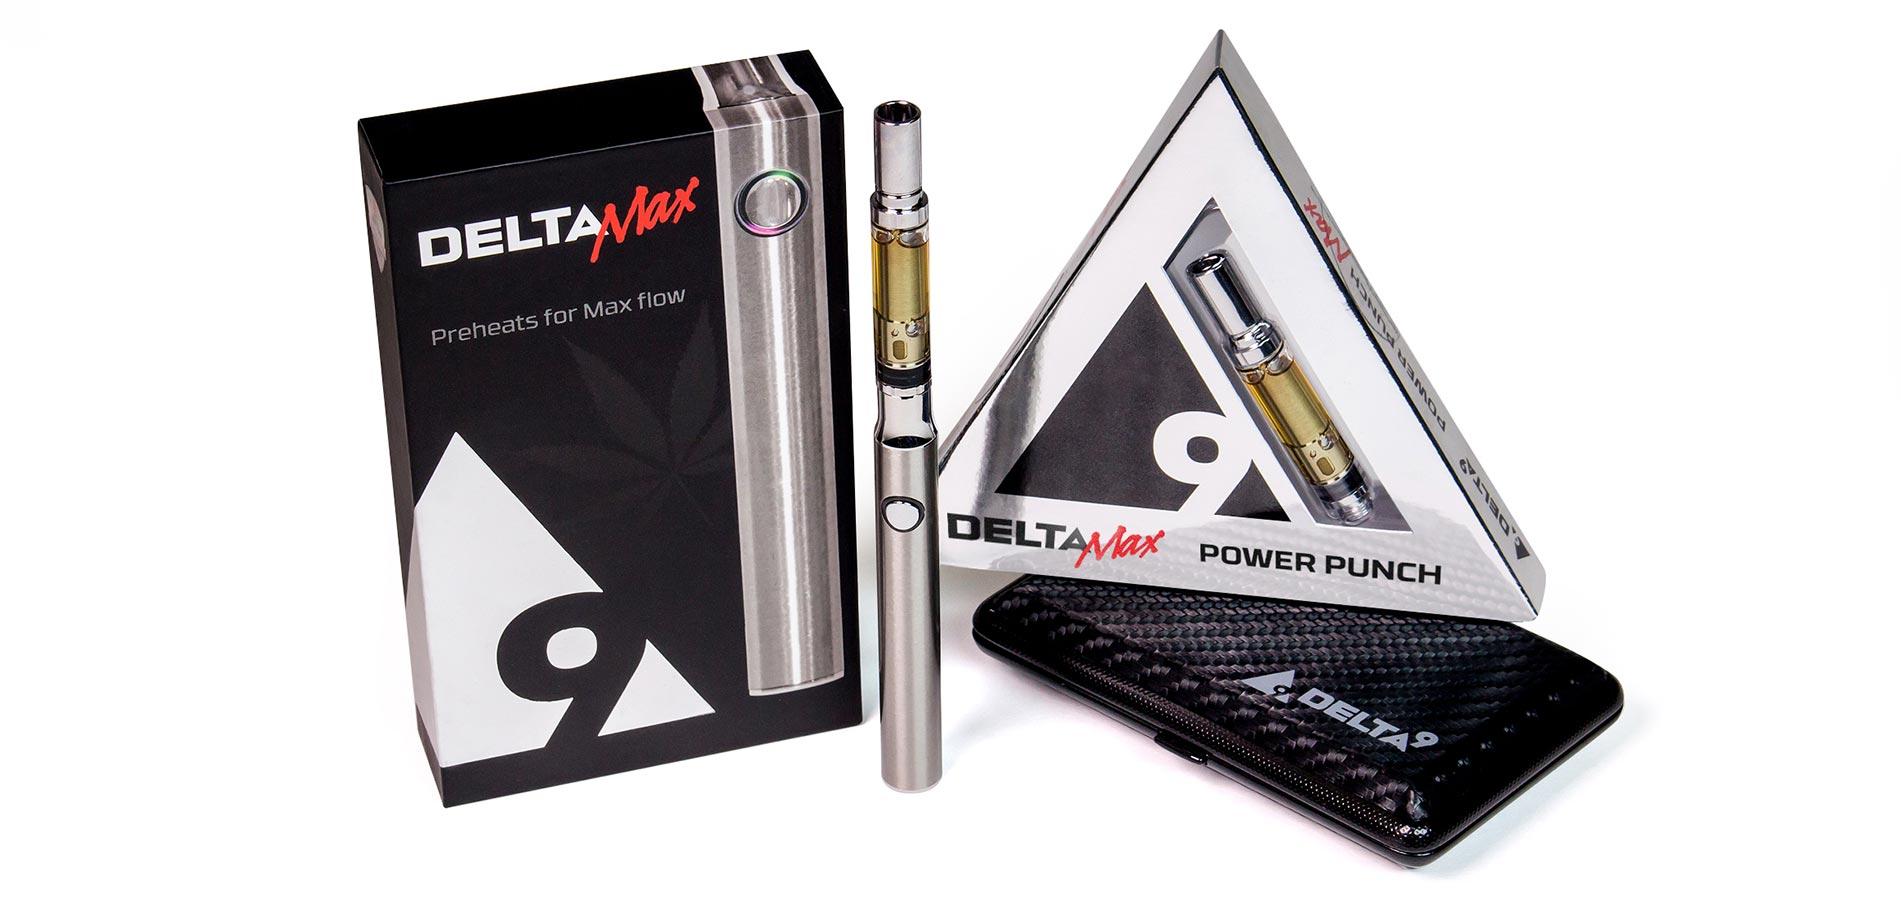 Delta9 Delta Max